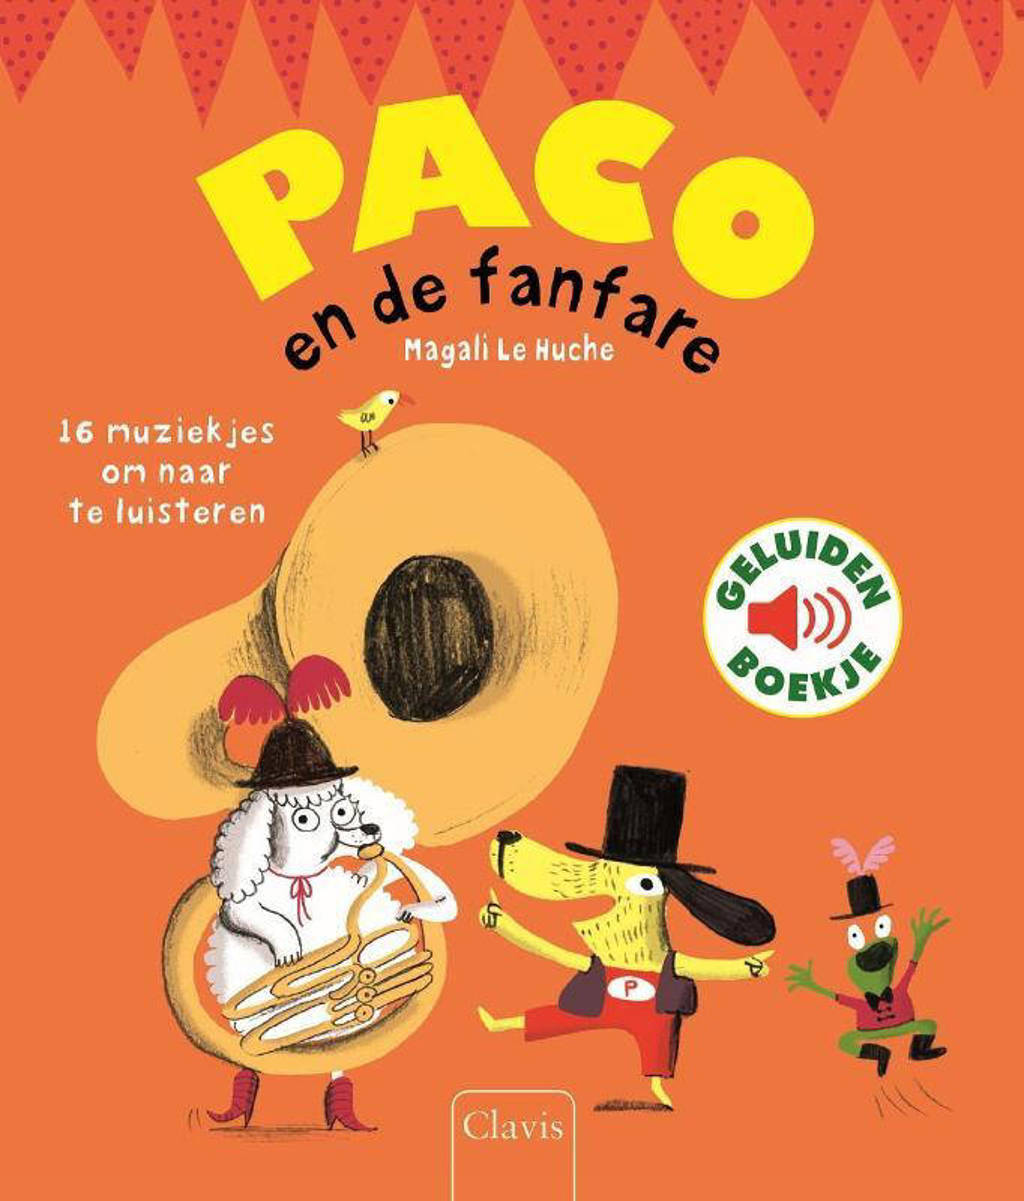 Paco en de fanfare - Magali Le Huche